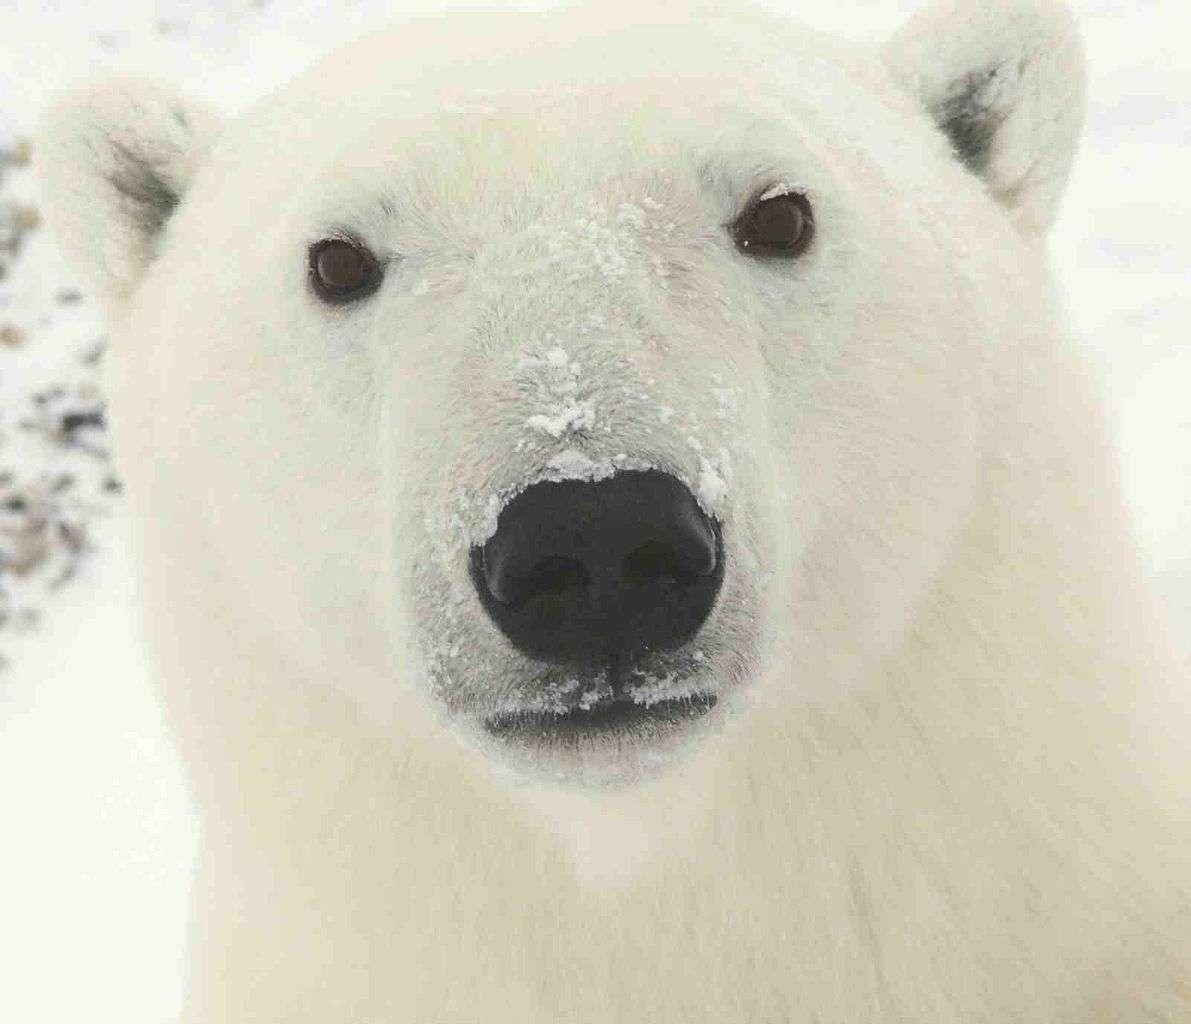 Le yéti pourrait être un ours plutôt qu'un hominidé, comme certains le supposaient déjà, si jamais les échantillons récoltés émanent bien de la bête mythique. Serait-il un hybride entre un ours brun et un ours polaire ? © Ansgar Walk, Wikimedia Commons, cc by sa 3.0